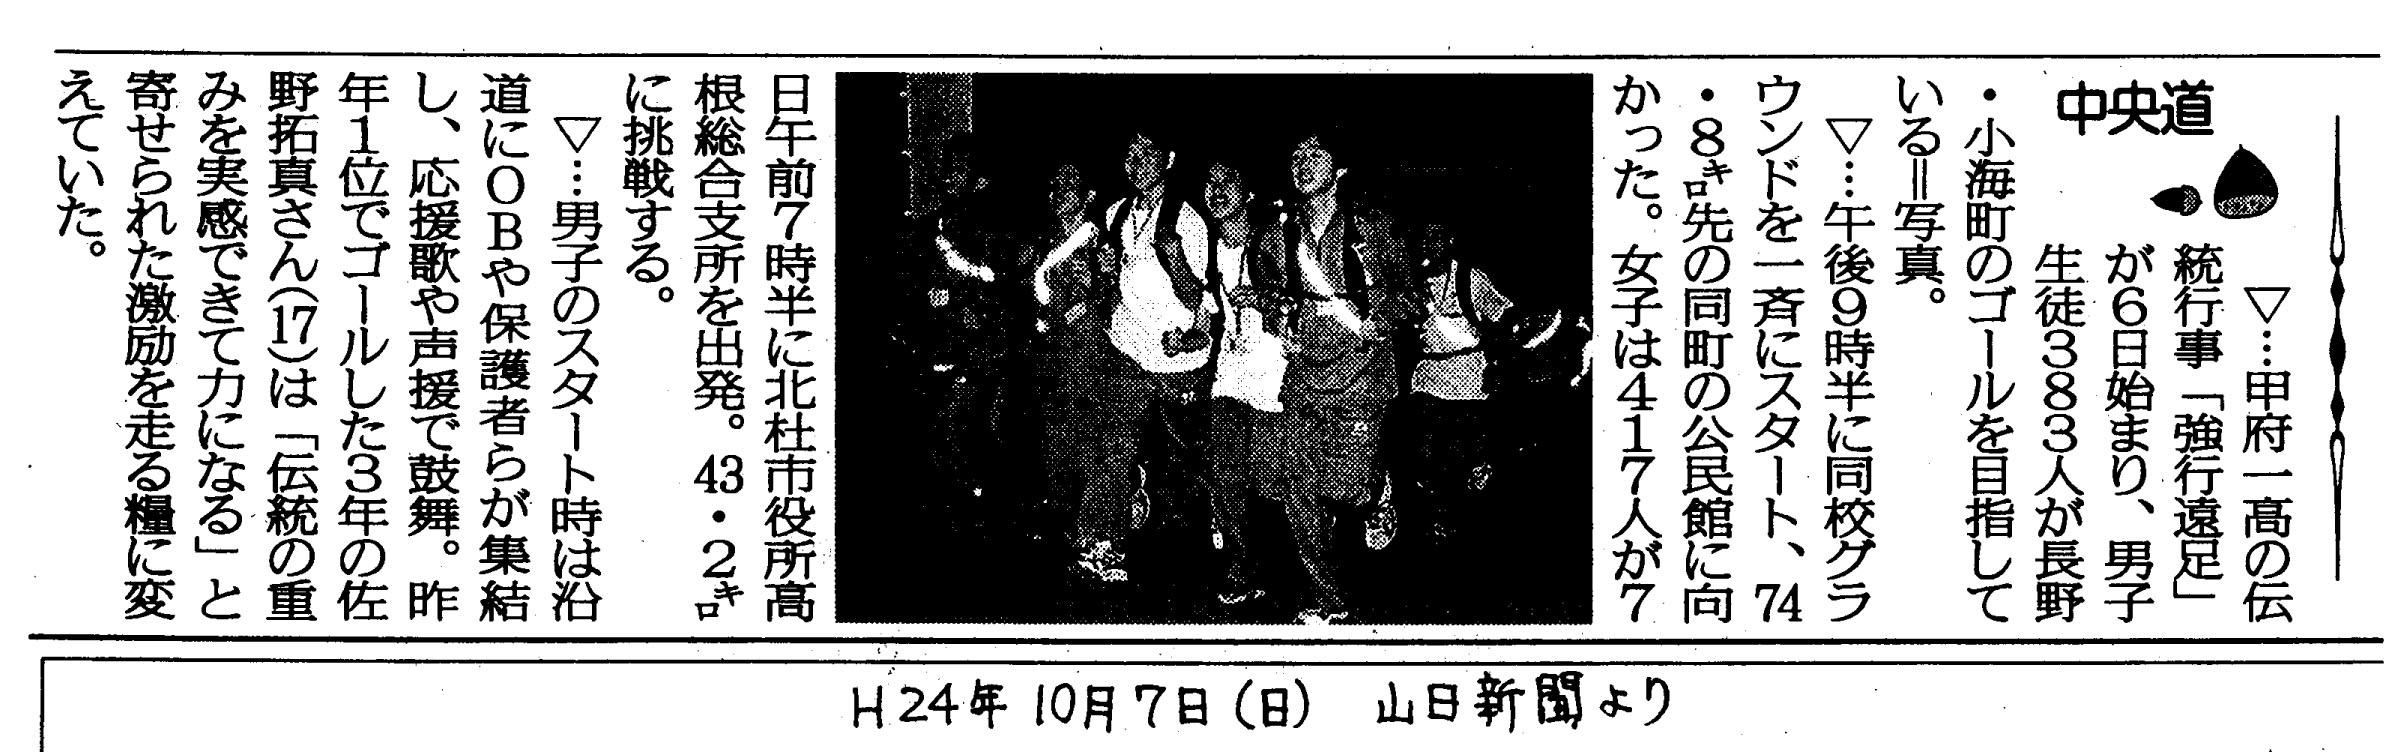 甲府より 山日新聞ニュース_a0255513_2223383.jpg